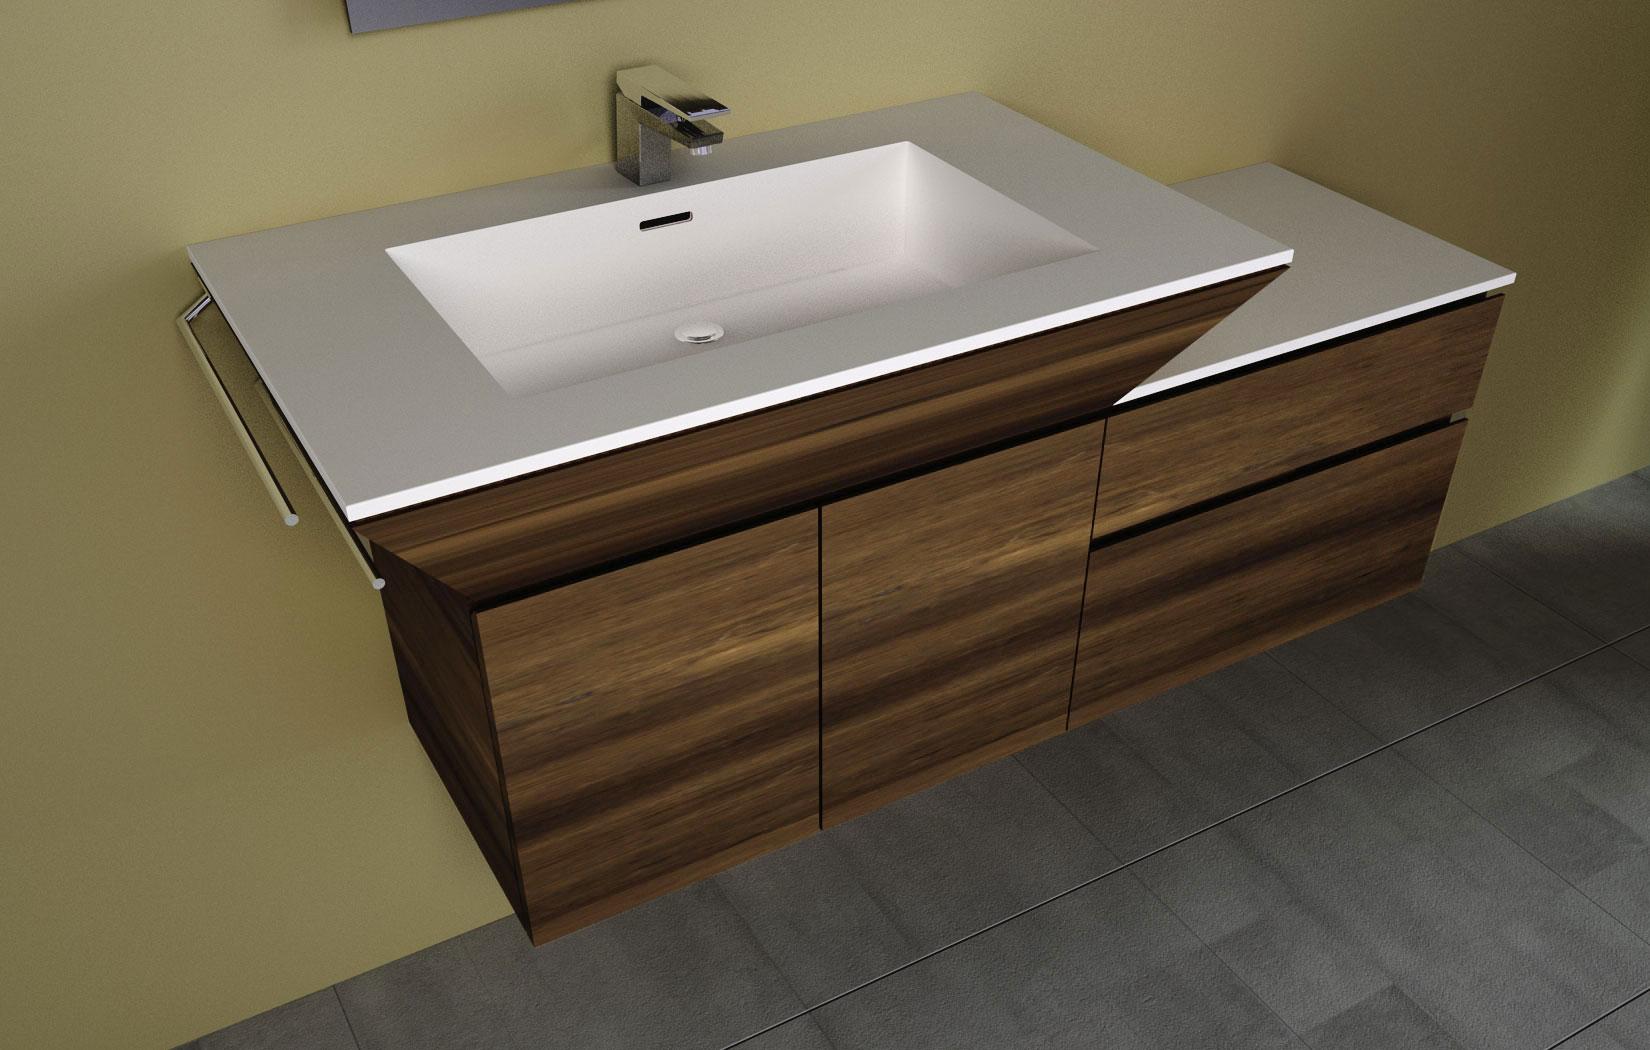 Lune design lavabo da bagno 39 refin 39 - Lavandini da incasso bagno ...